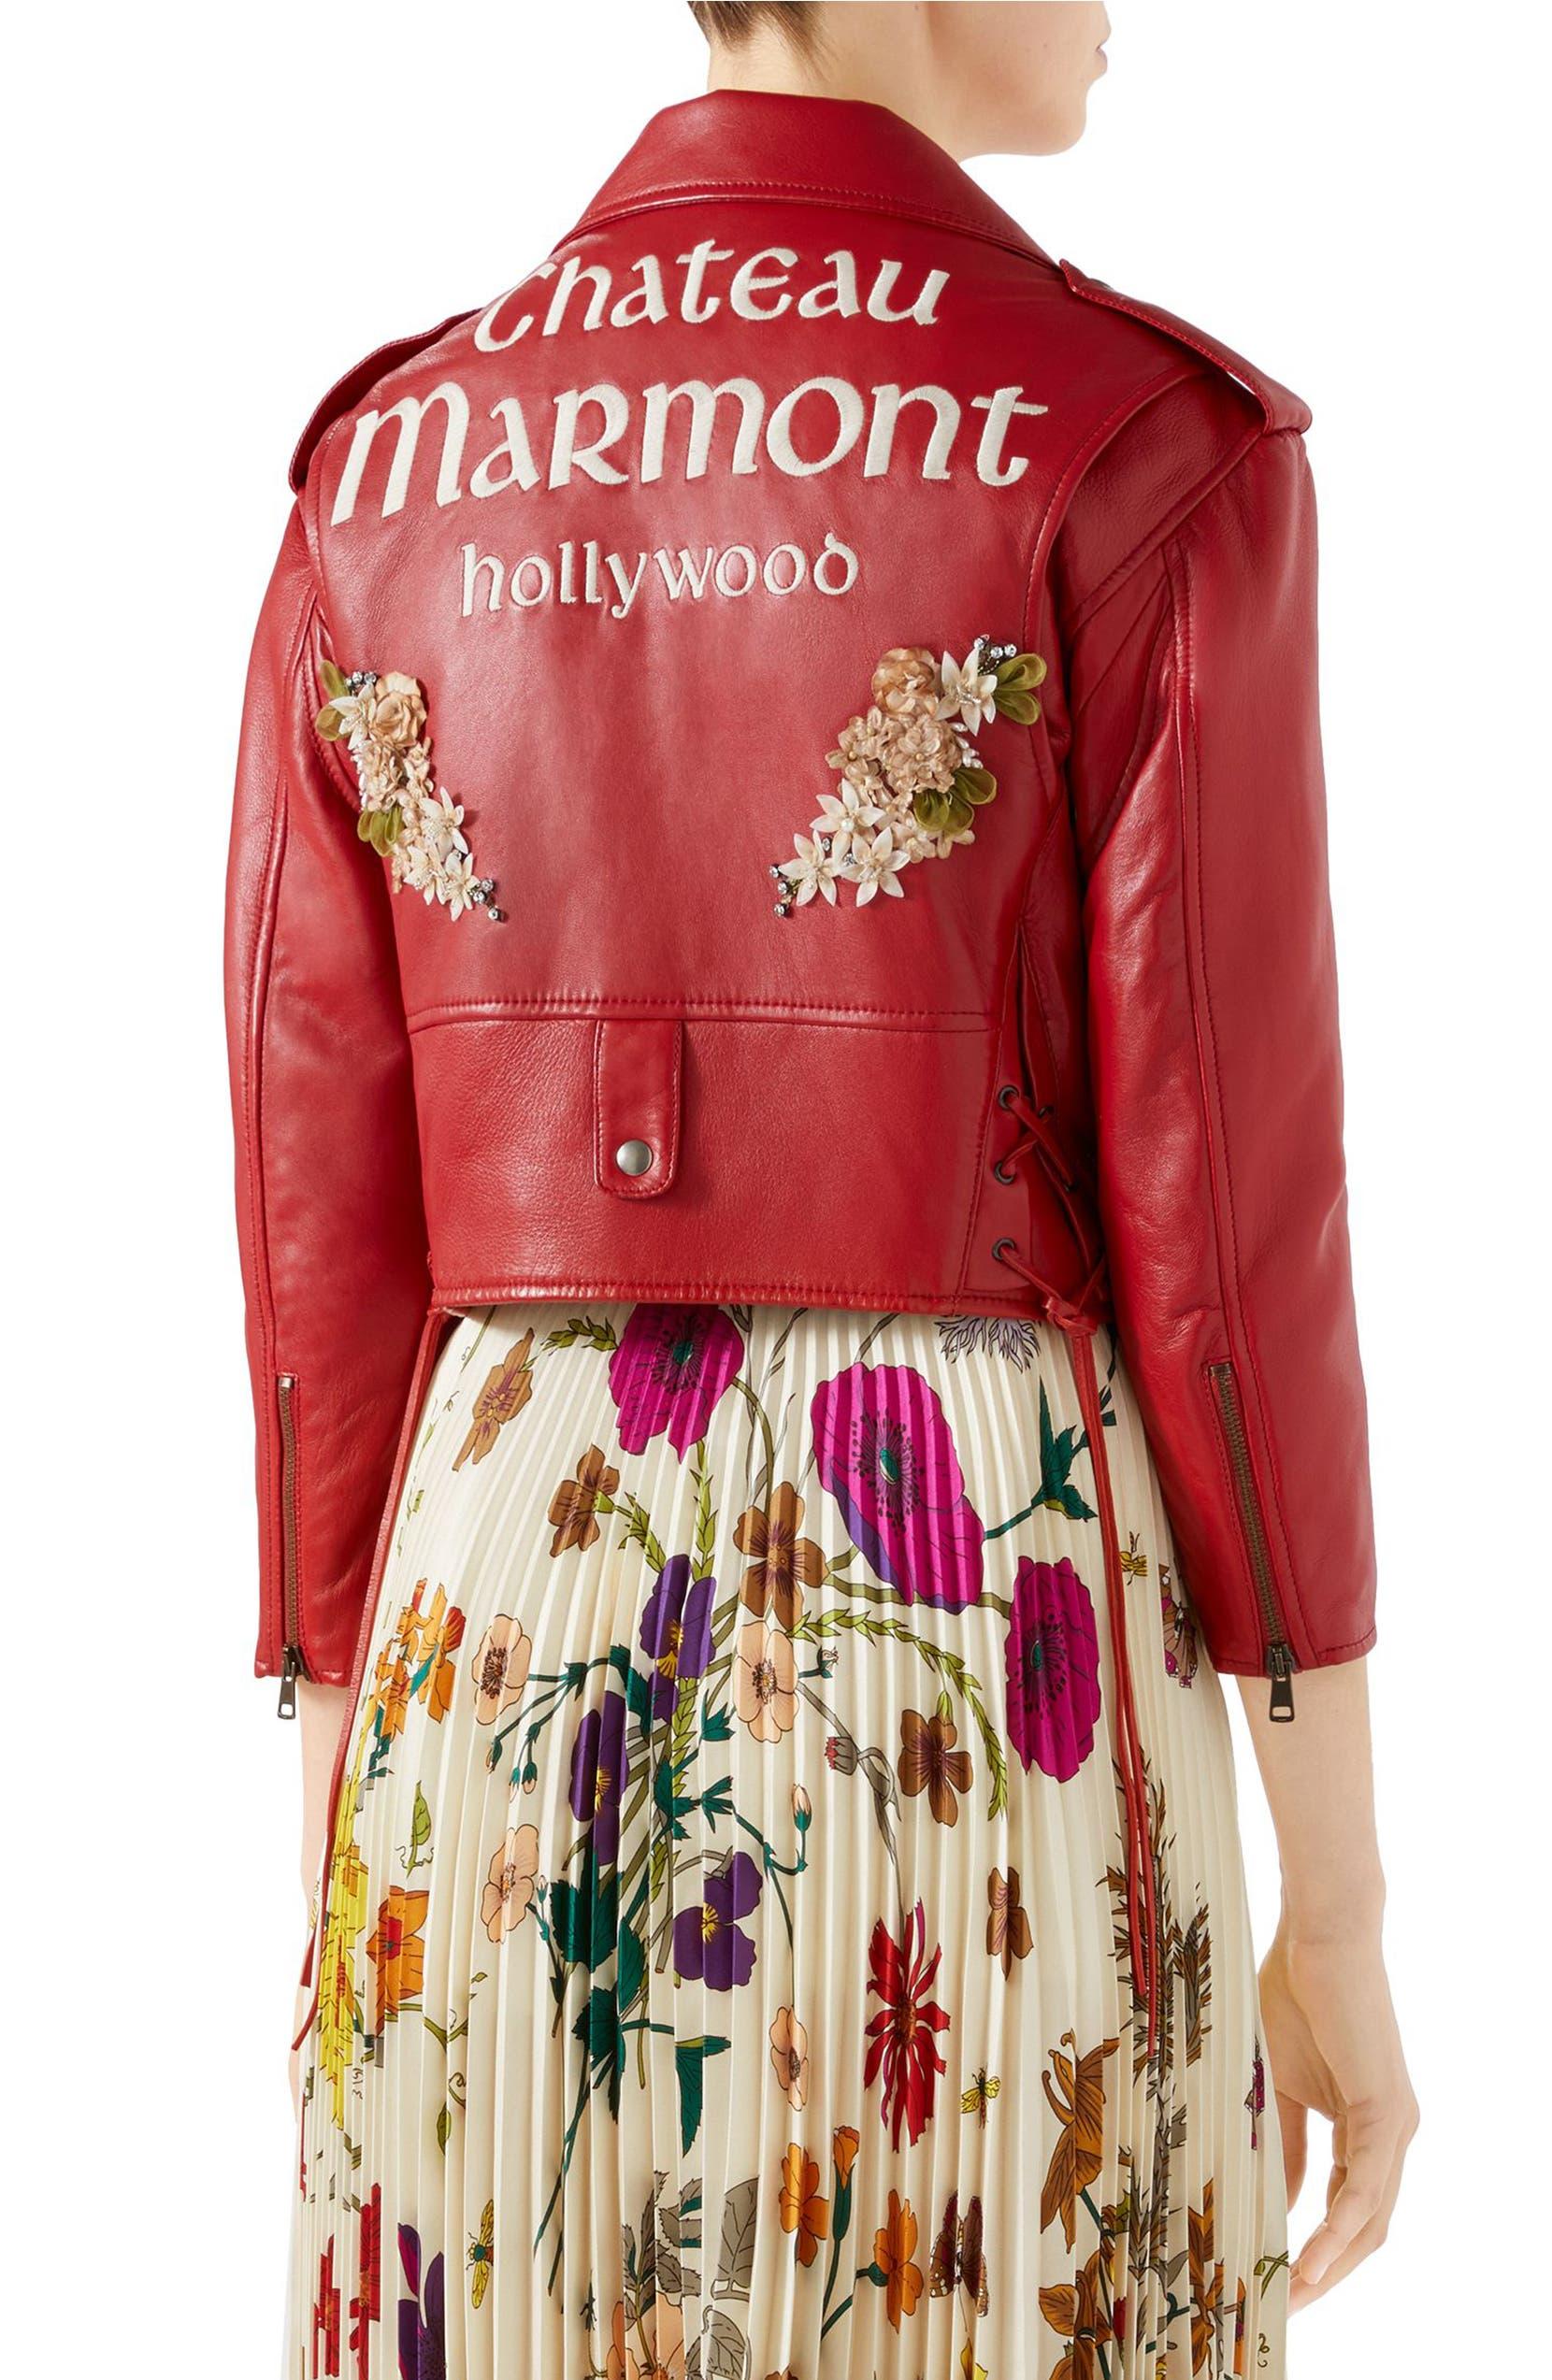 418ea3d32c41 Gucci Chateau Marmont Embellished Leather Biker Jacket | Nordstrom